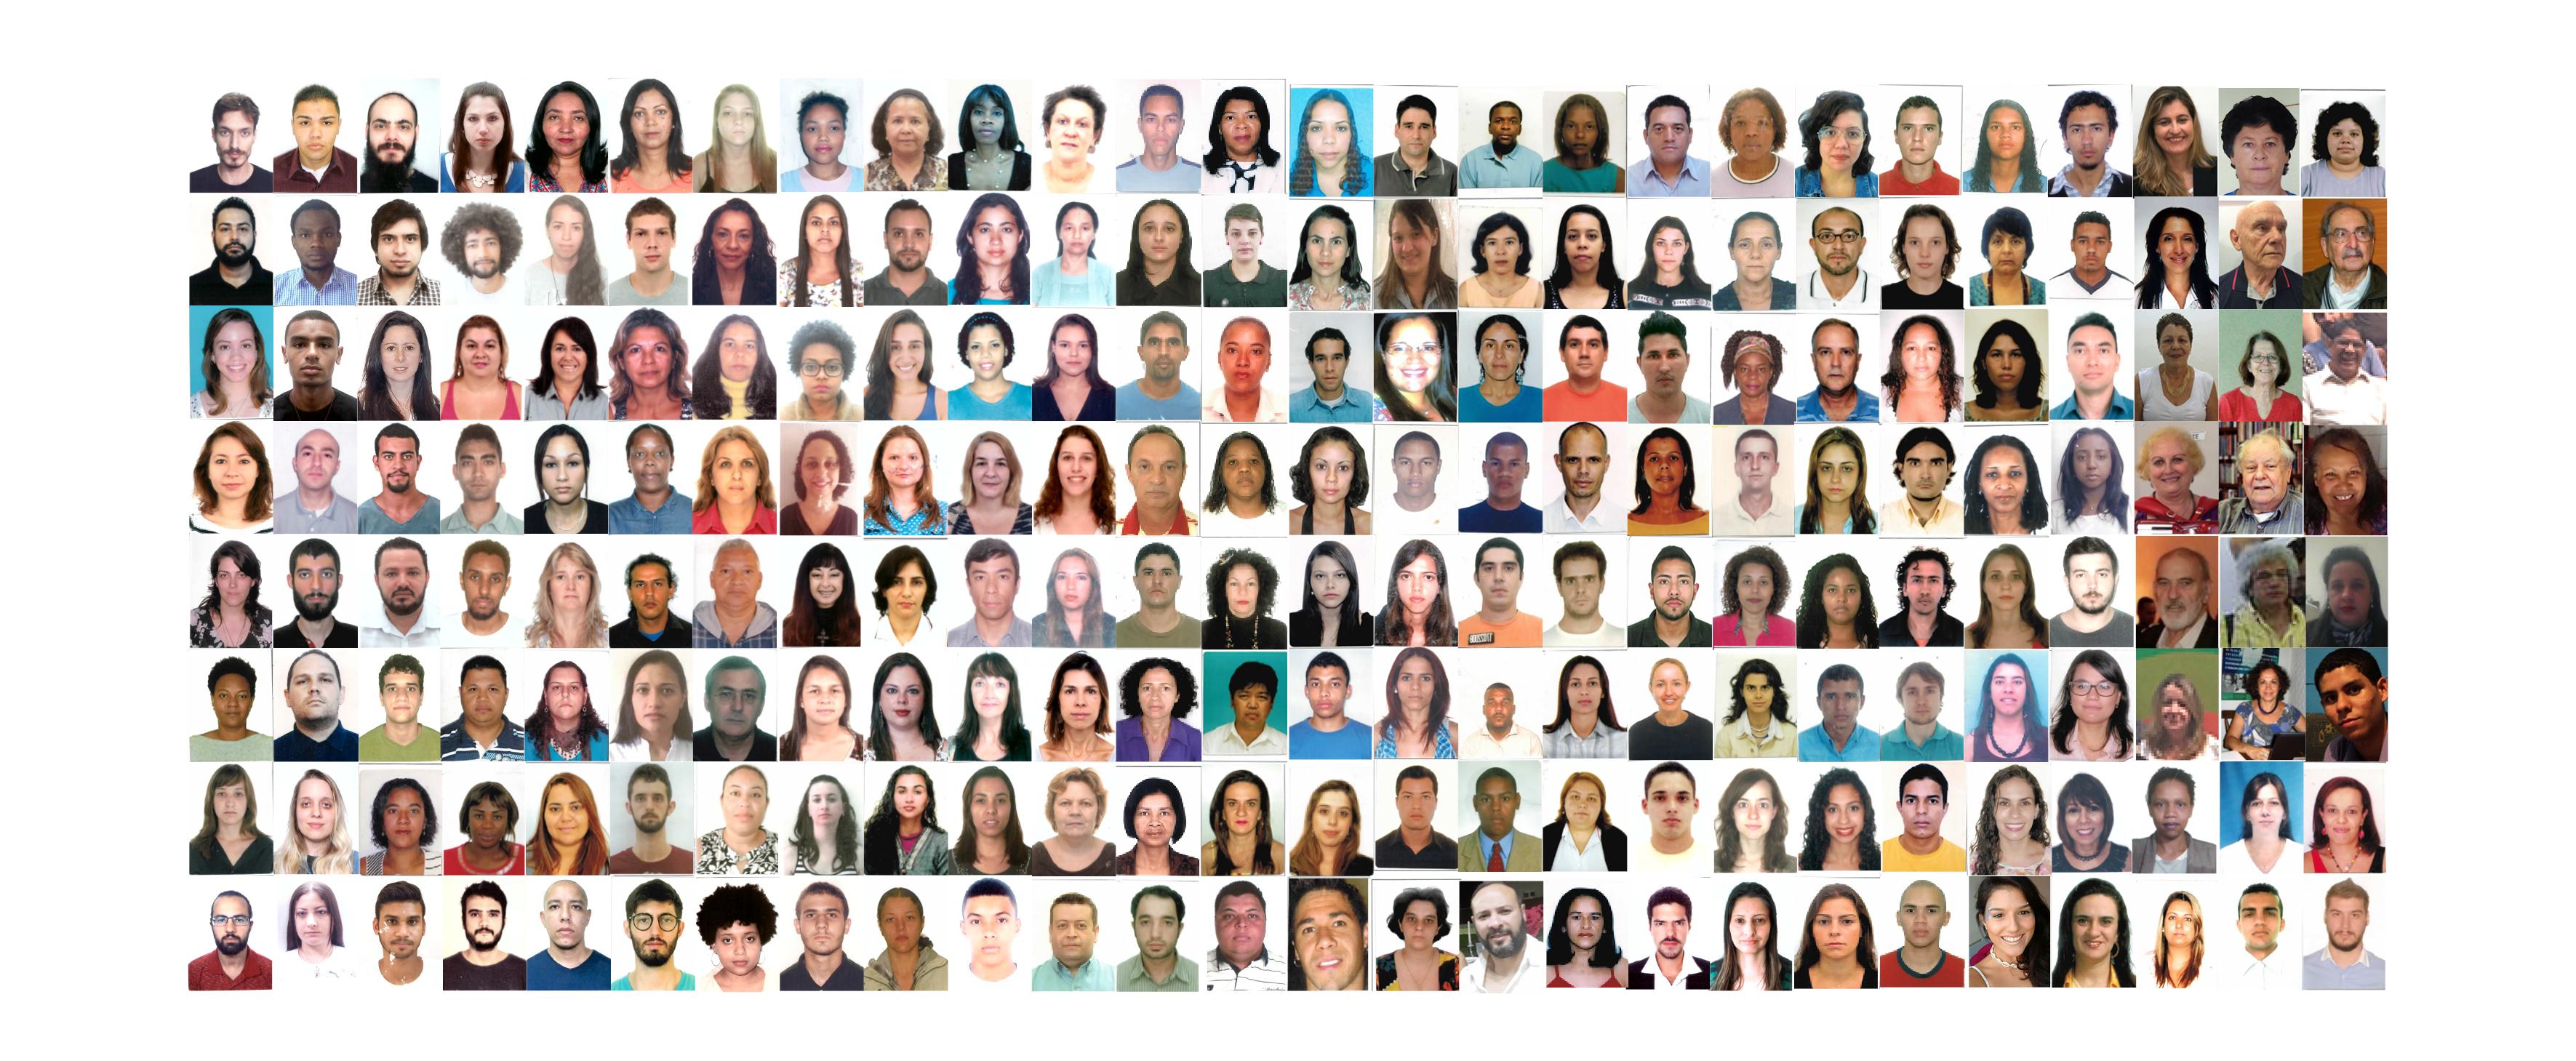 Foto da equipe da ONG Instituto de Tecnologia Social - ITS BRASIL